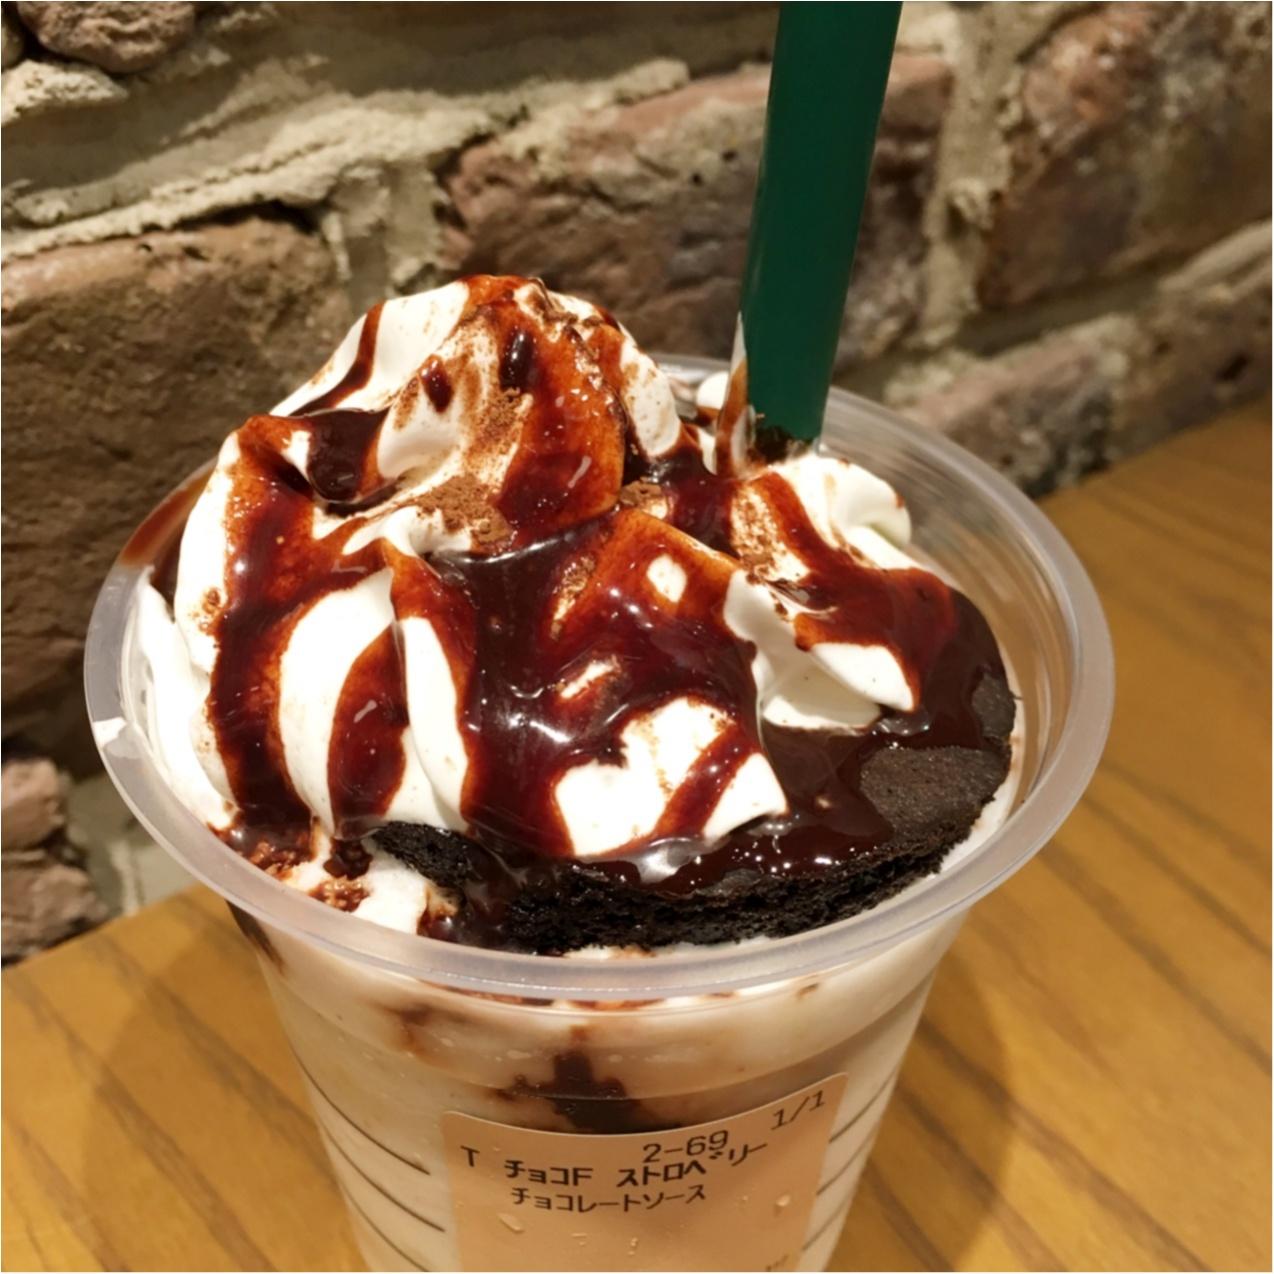 【7月23日まで】スタバに行かなくっちゃ♡ 期間限定のチョコレートケーキトップフラペチーノwithストロベリーショットが登場 ♡♡_3